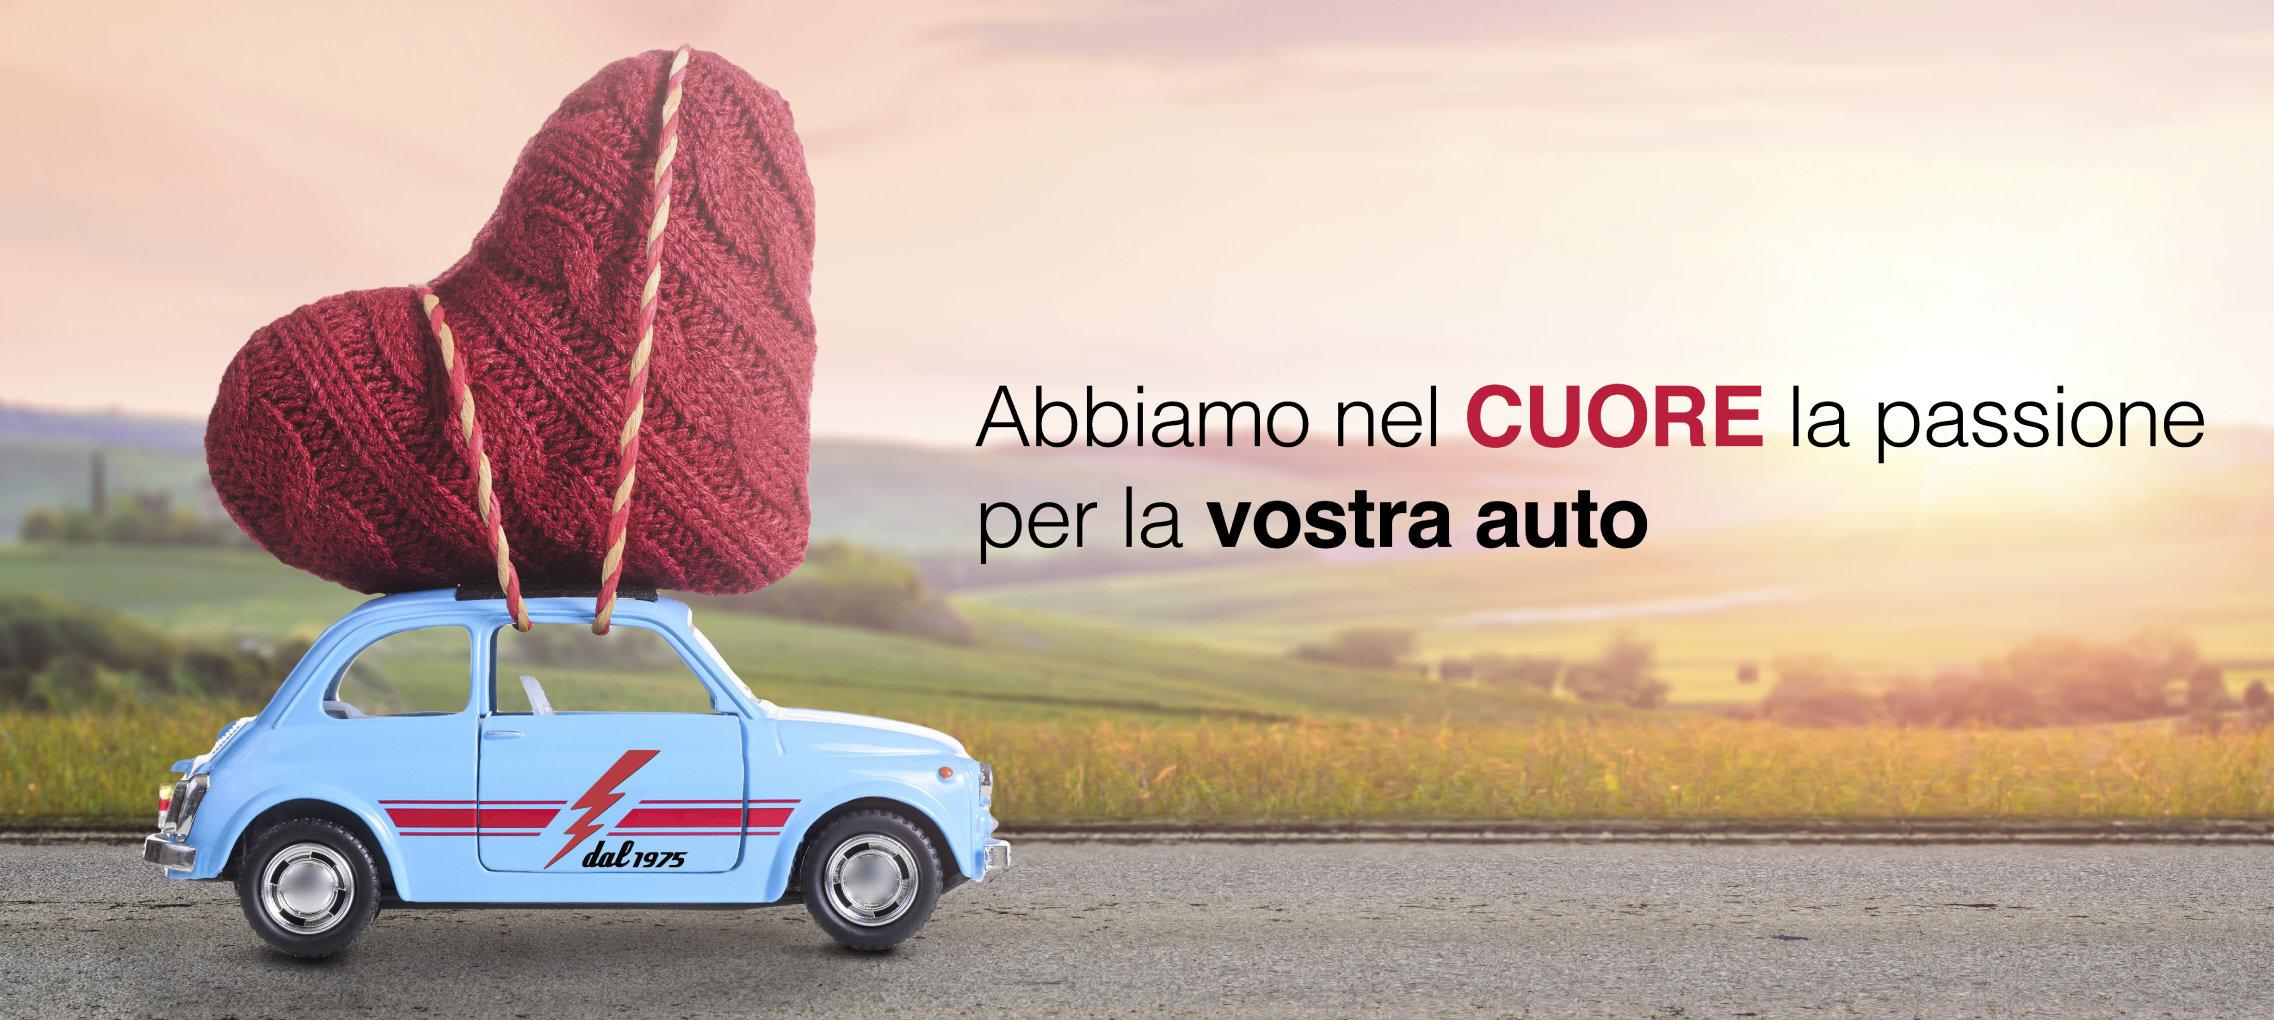 Abbiamo nel cuore la passione per la vostra auto